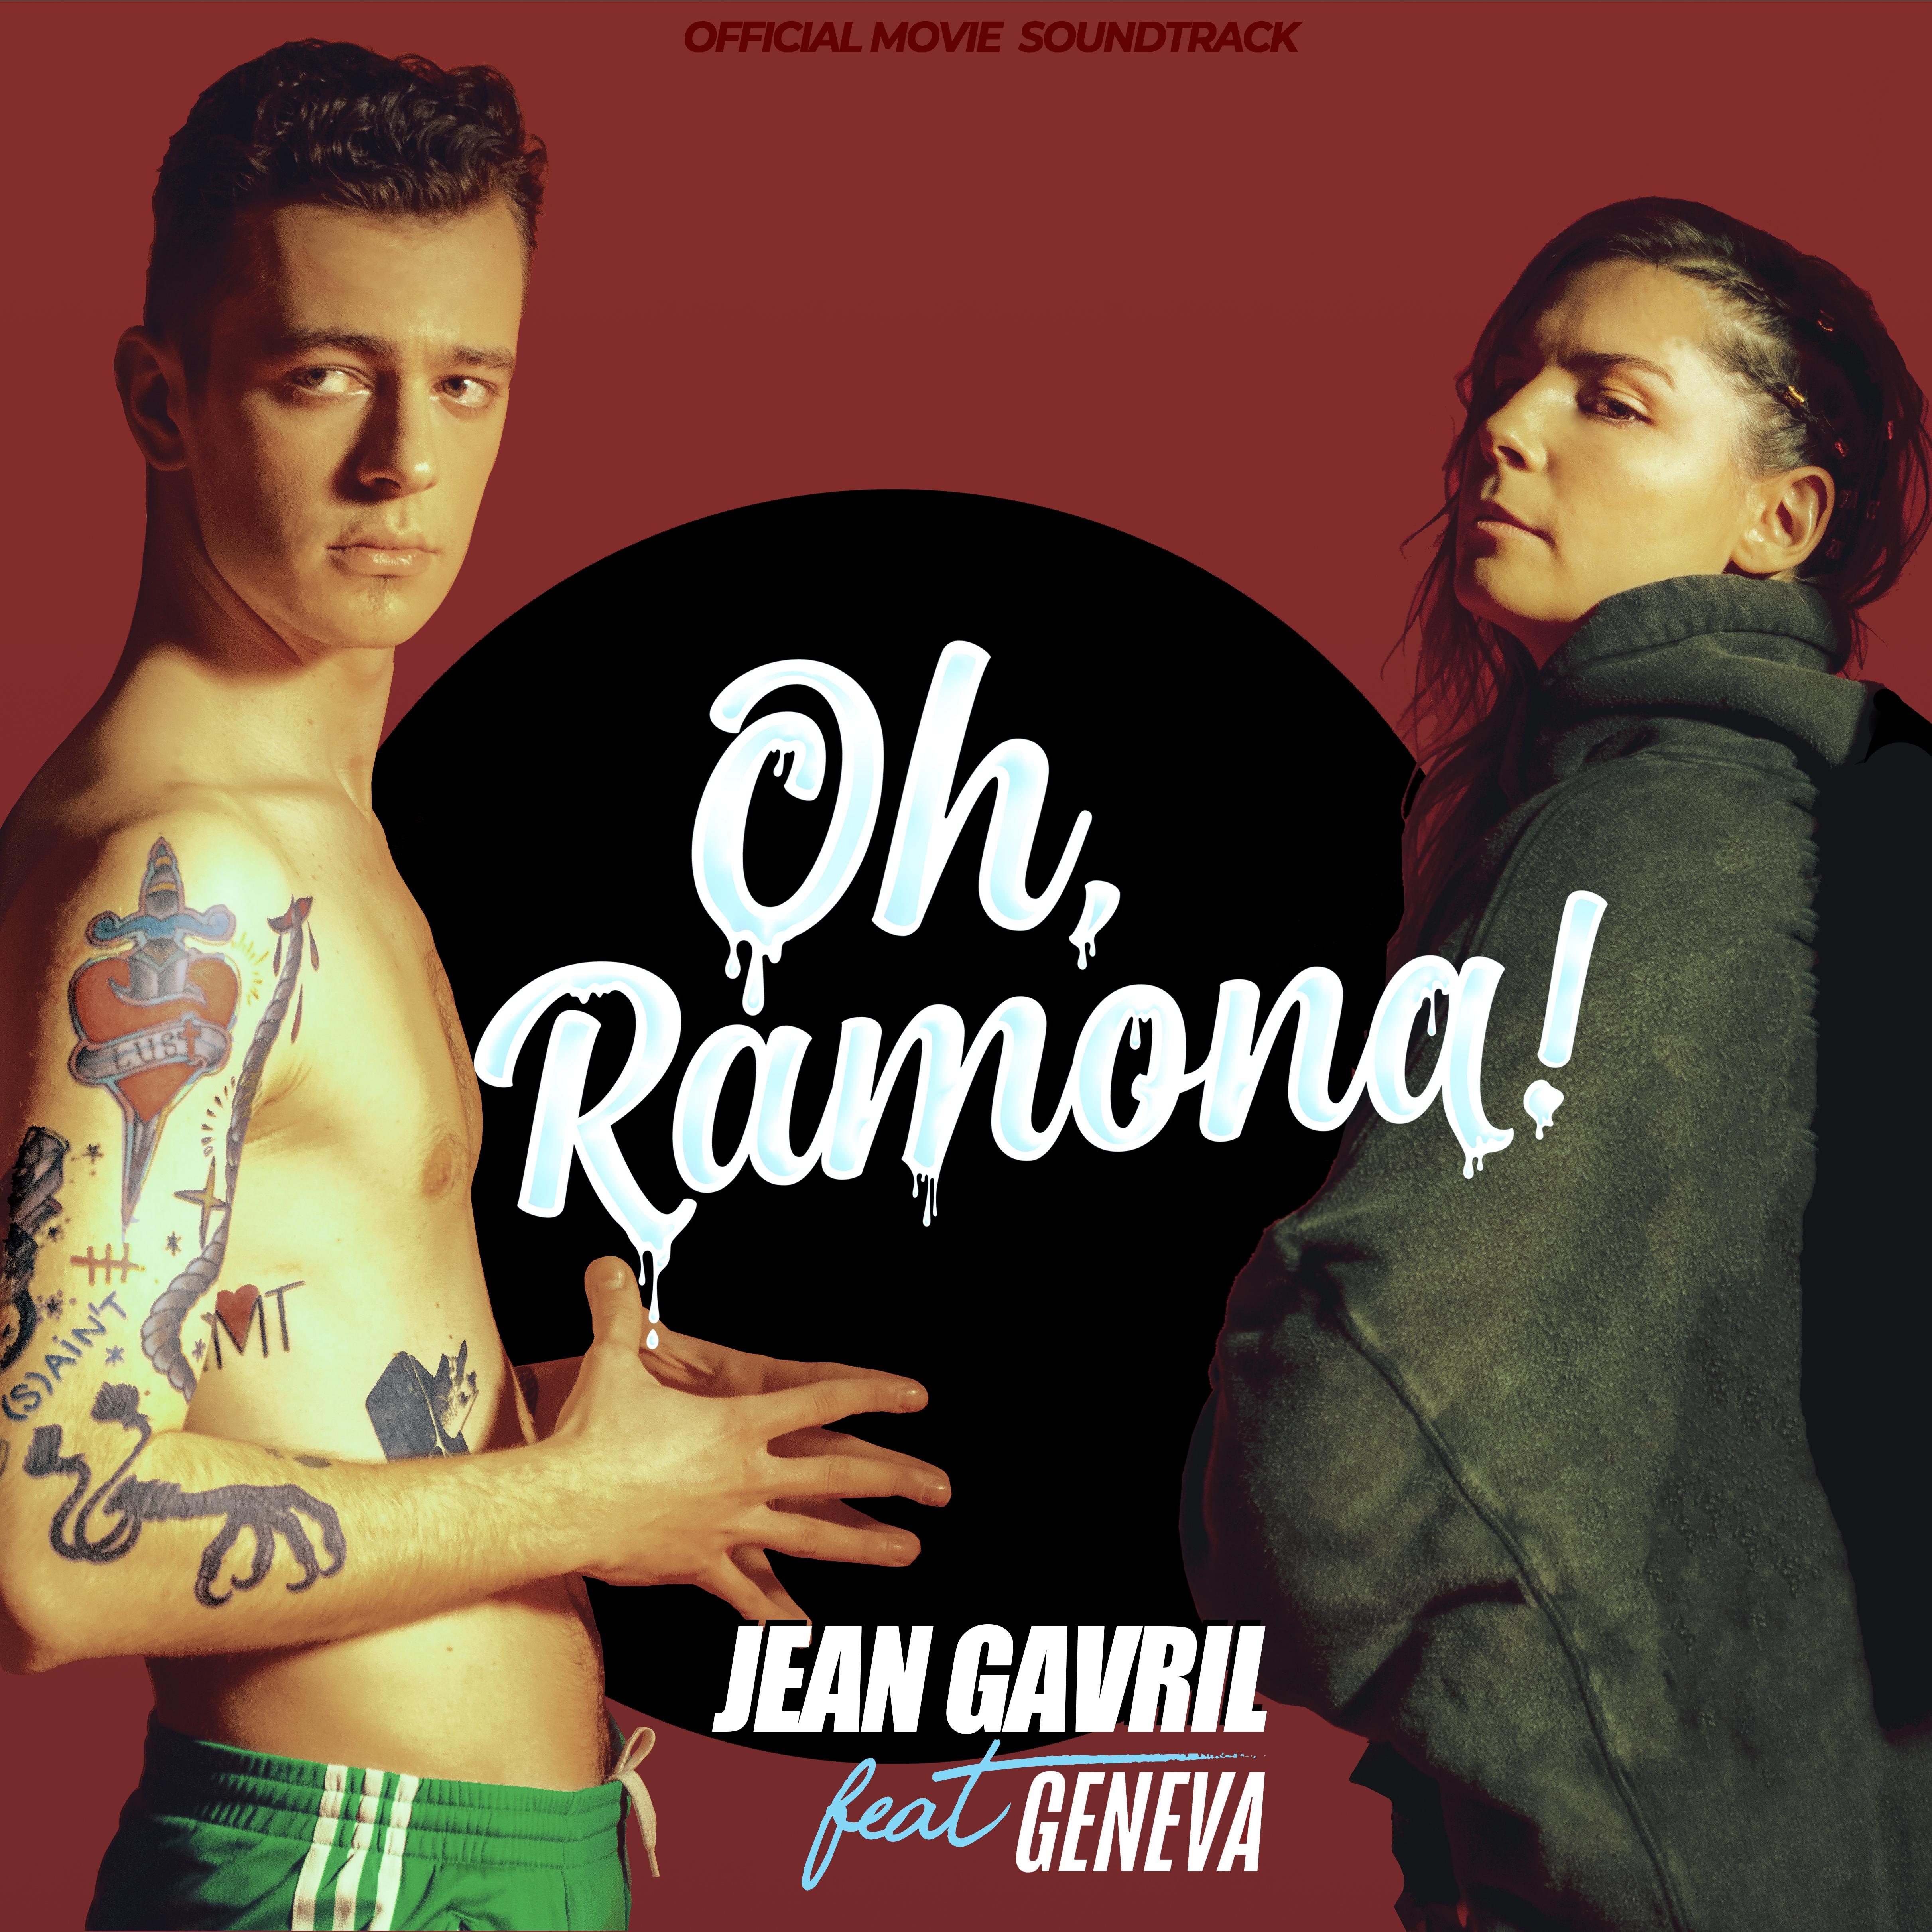 """Jean Gavril si Geneva lanseaza """"Oh, Ramona"""", single extras de pe coloana sonora a filmului cu acelasi nume"""